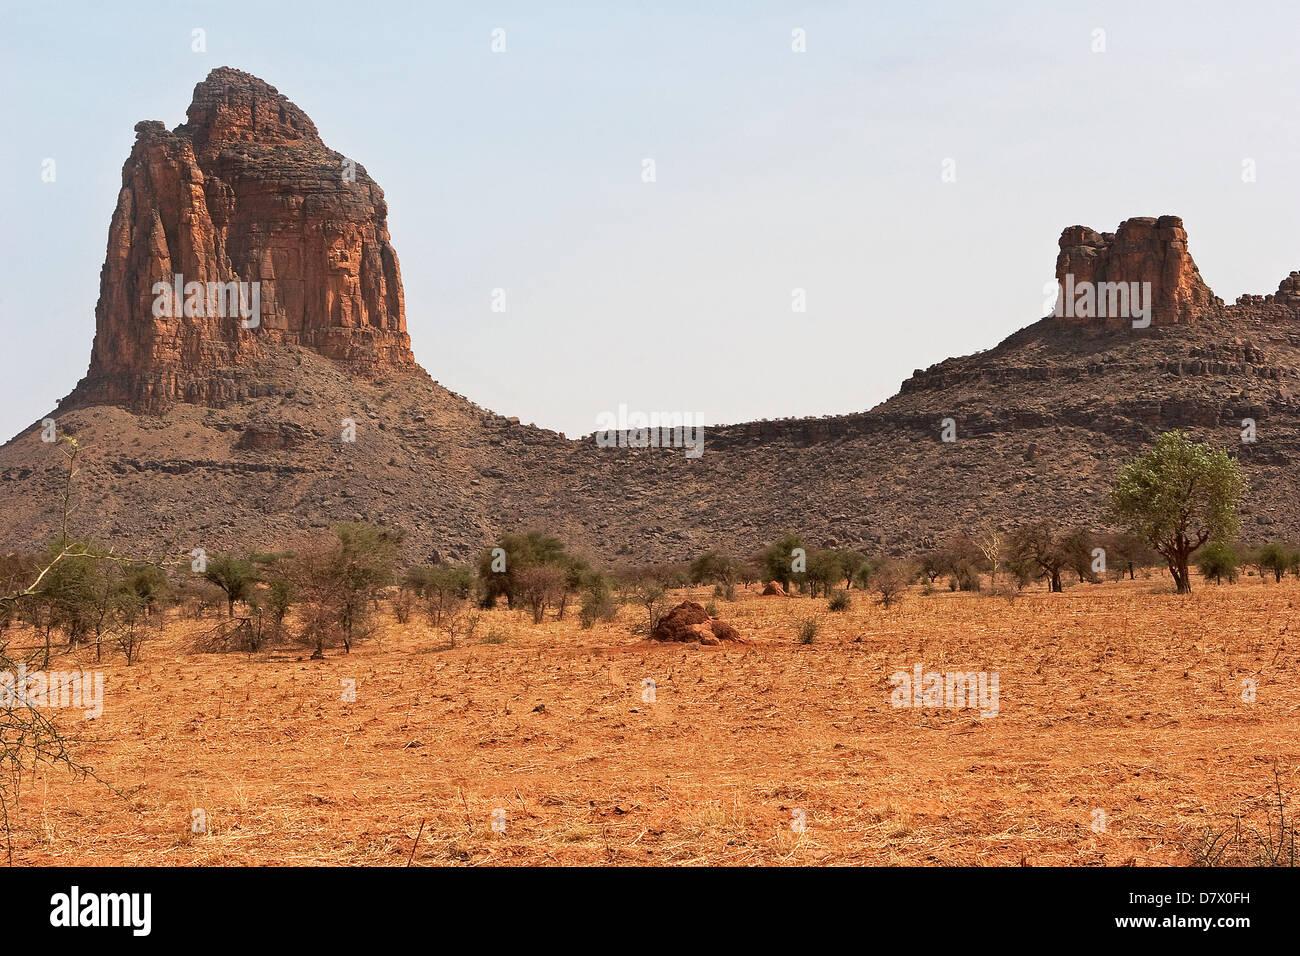 Verwitterter Sandstein Strebepfeiler und Böschungen in der Nähe von Village of Bone, zentrale Mali Stockbild